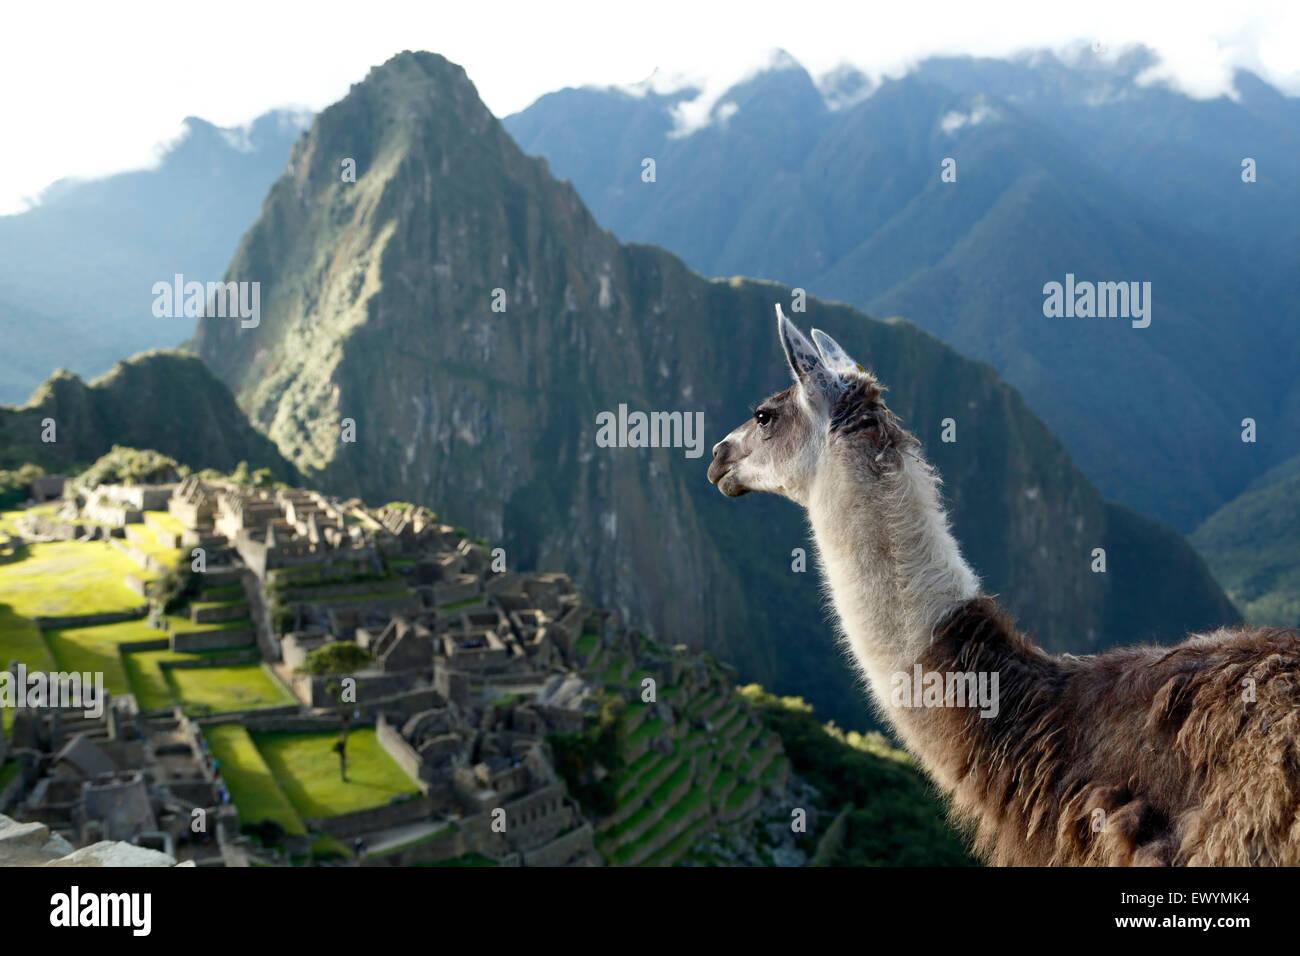 Llama (Lama glama) and Machu Picchu Inca ruins, near Machu Picchu Pueblo (aka Aguas Calientes), Cusco, Peru - Stock Image